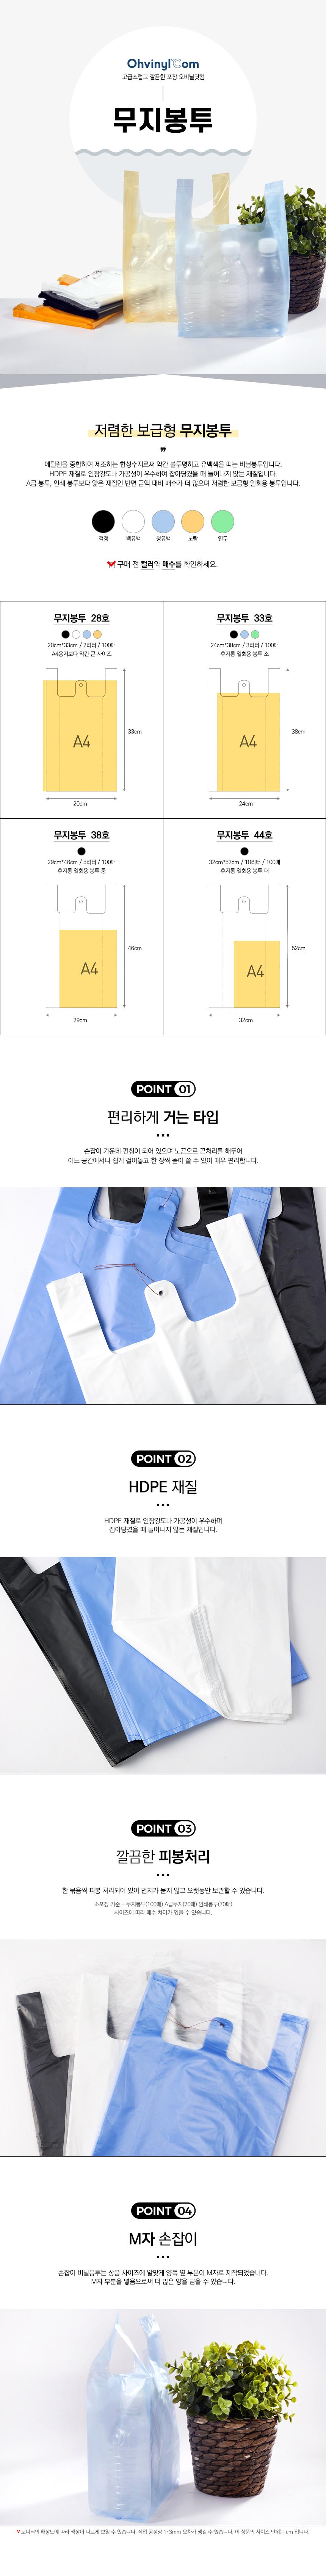 무지봉투 33호 (24x38) 검정 100매 - 오비닐닷컴, 1,280원, 음식보관, 비닐류